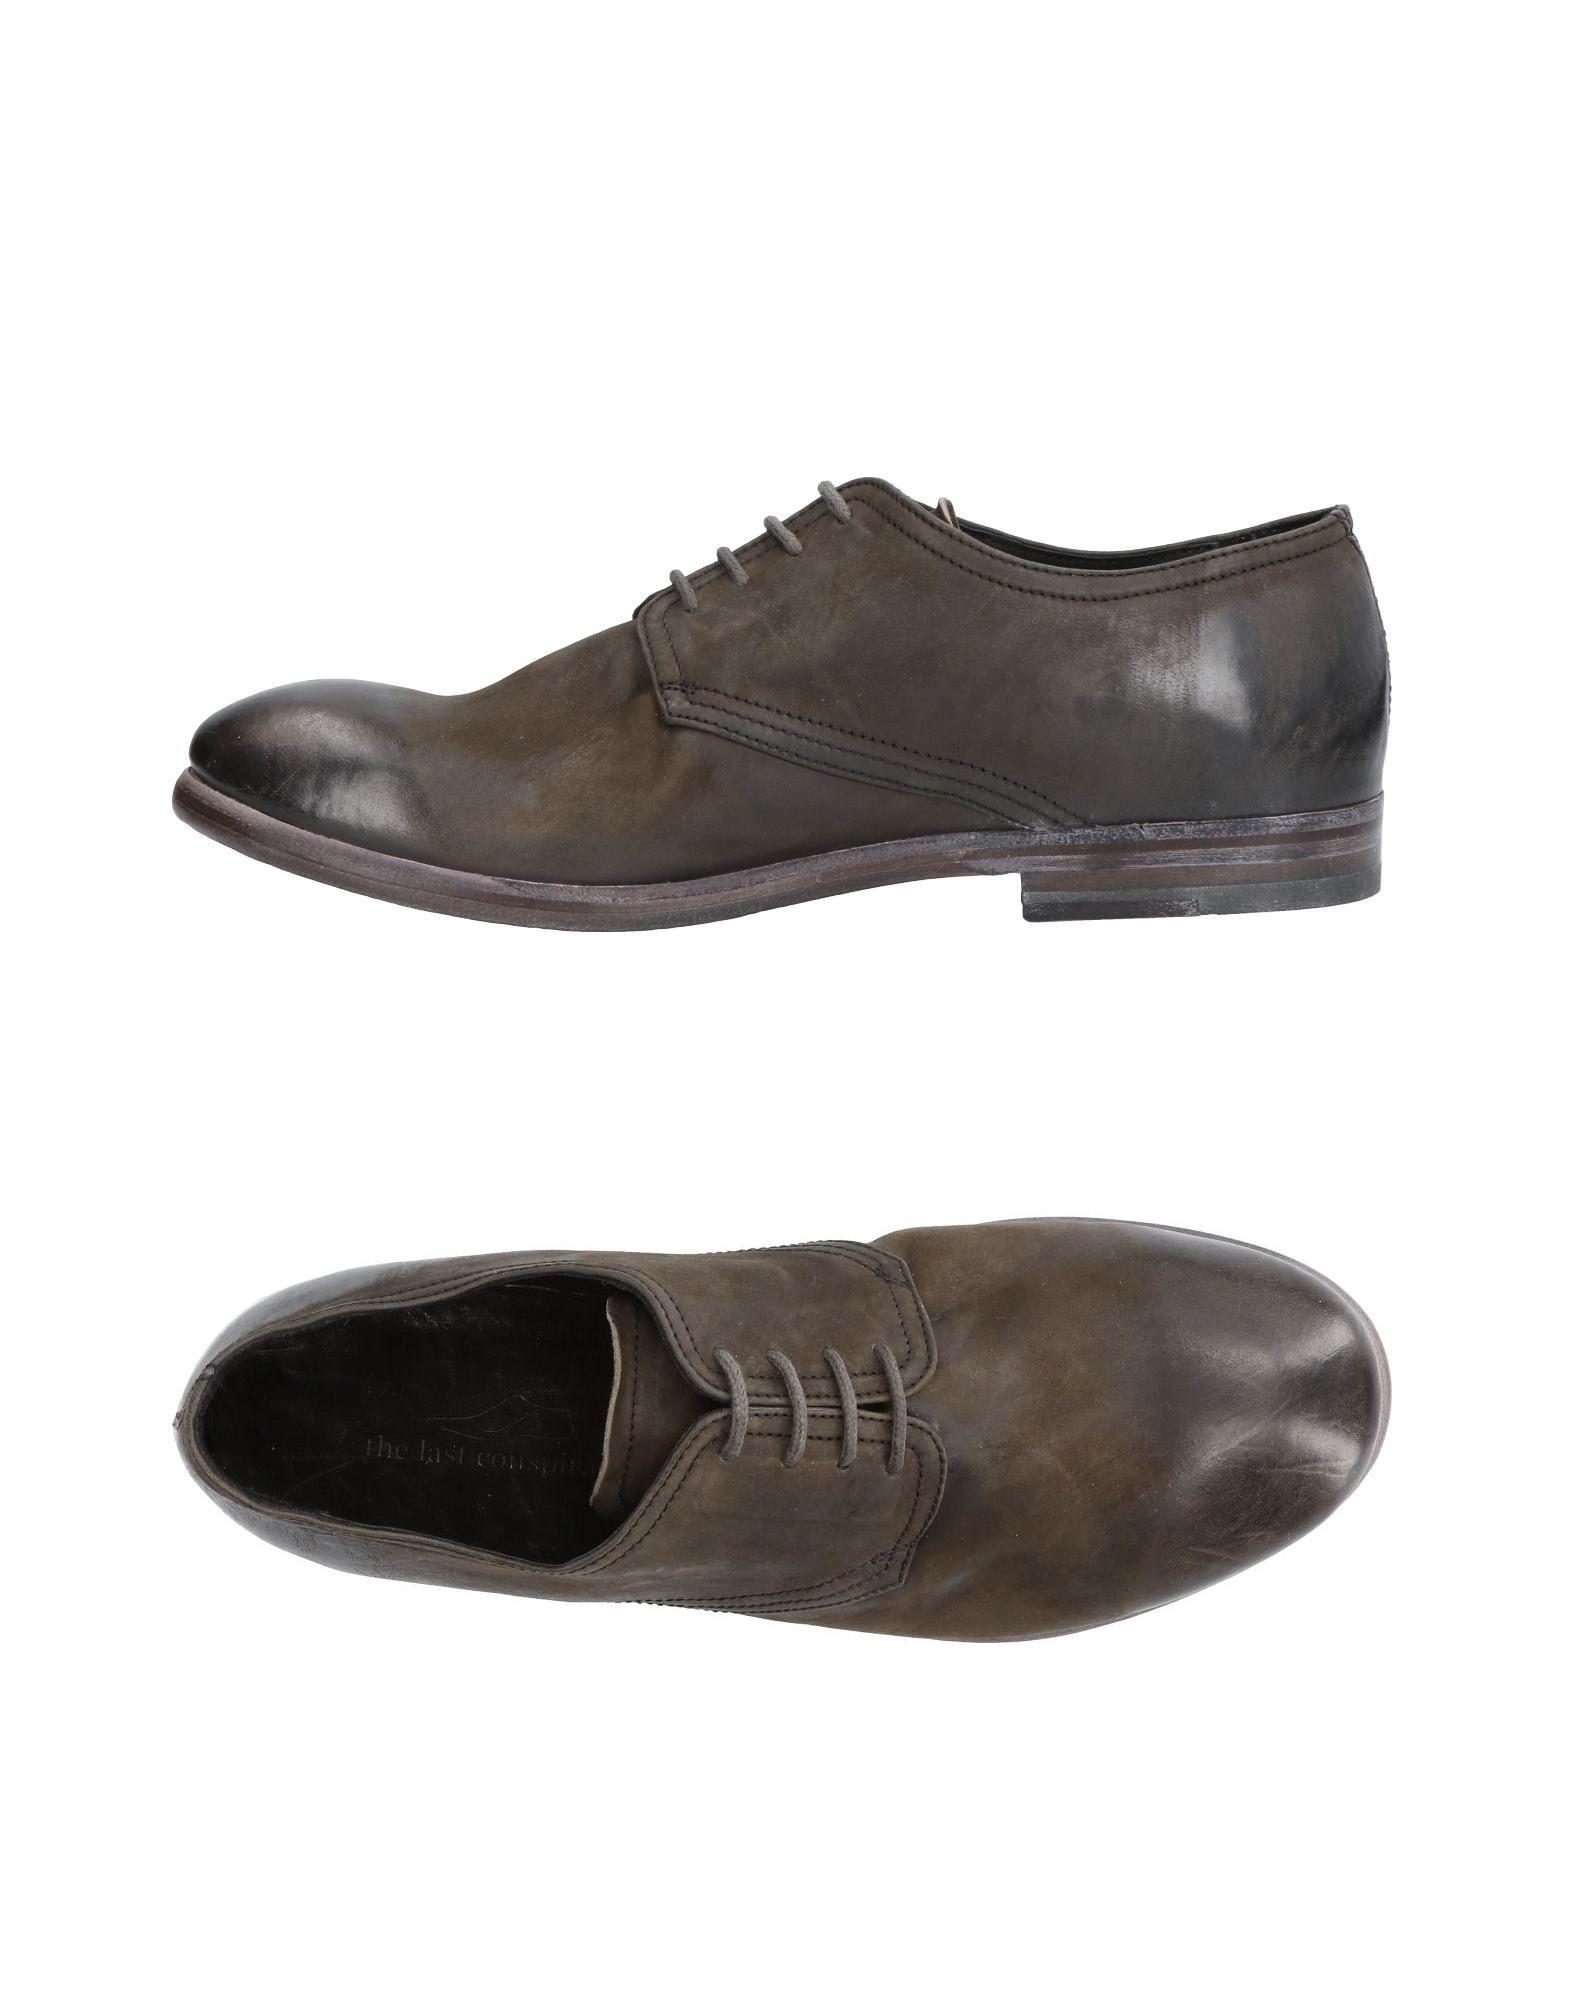 Chaussures - Chaussures À Lacets Concept De Style Espace QkcMCvmj7